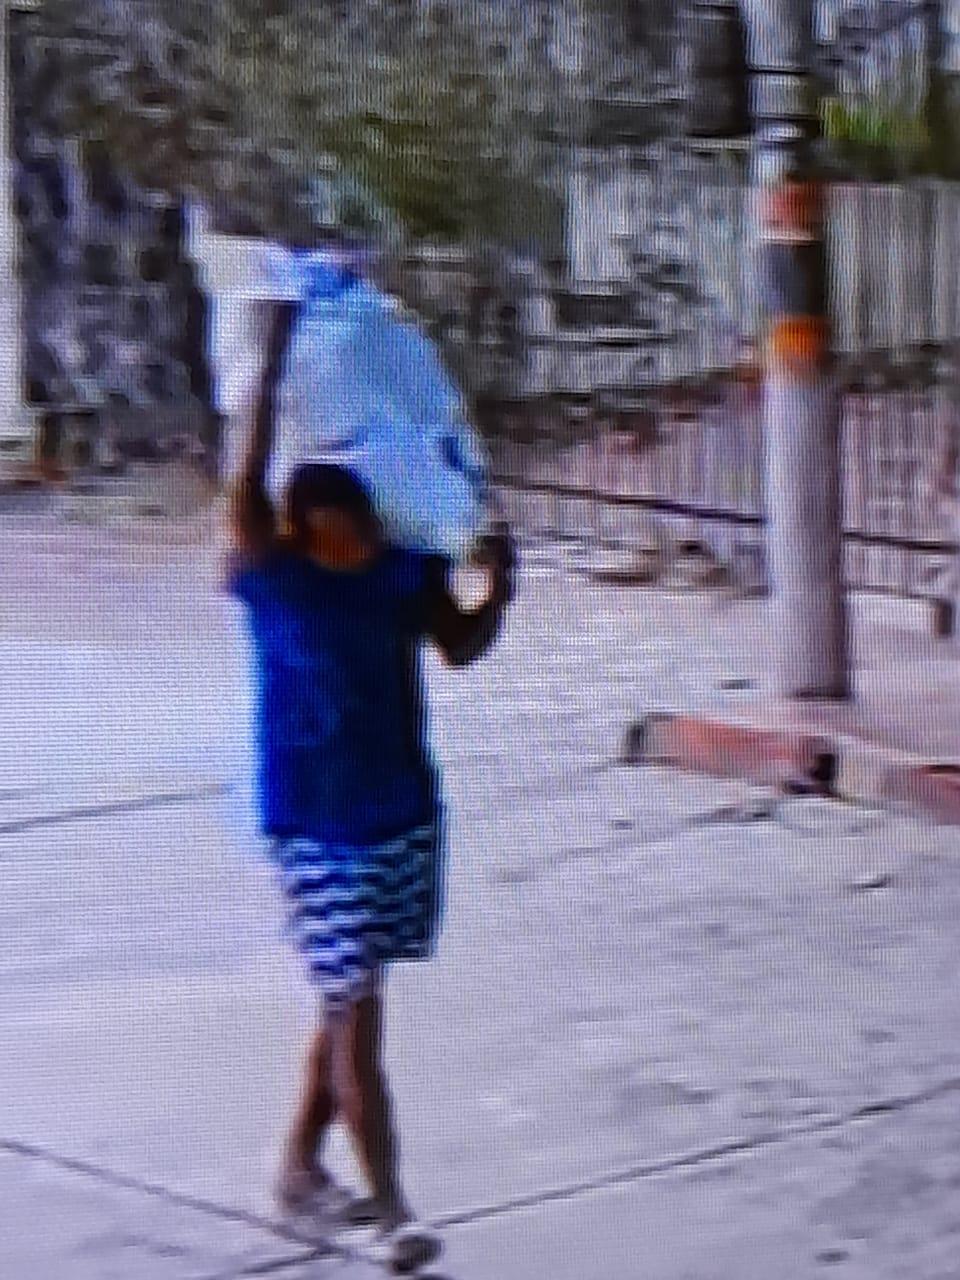 Las imágenes muestran a los habitantes de la calle llevándose lo poco que hay en las casas que deberían servir como refugio de las mujeres.